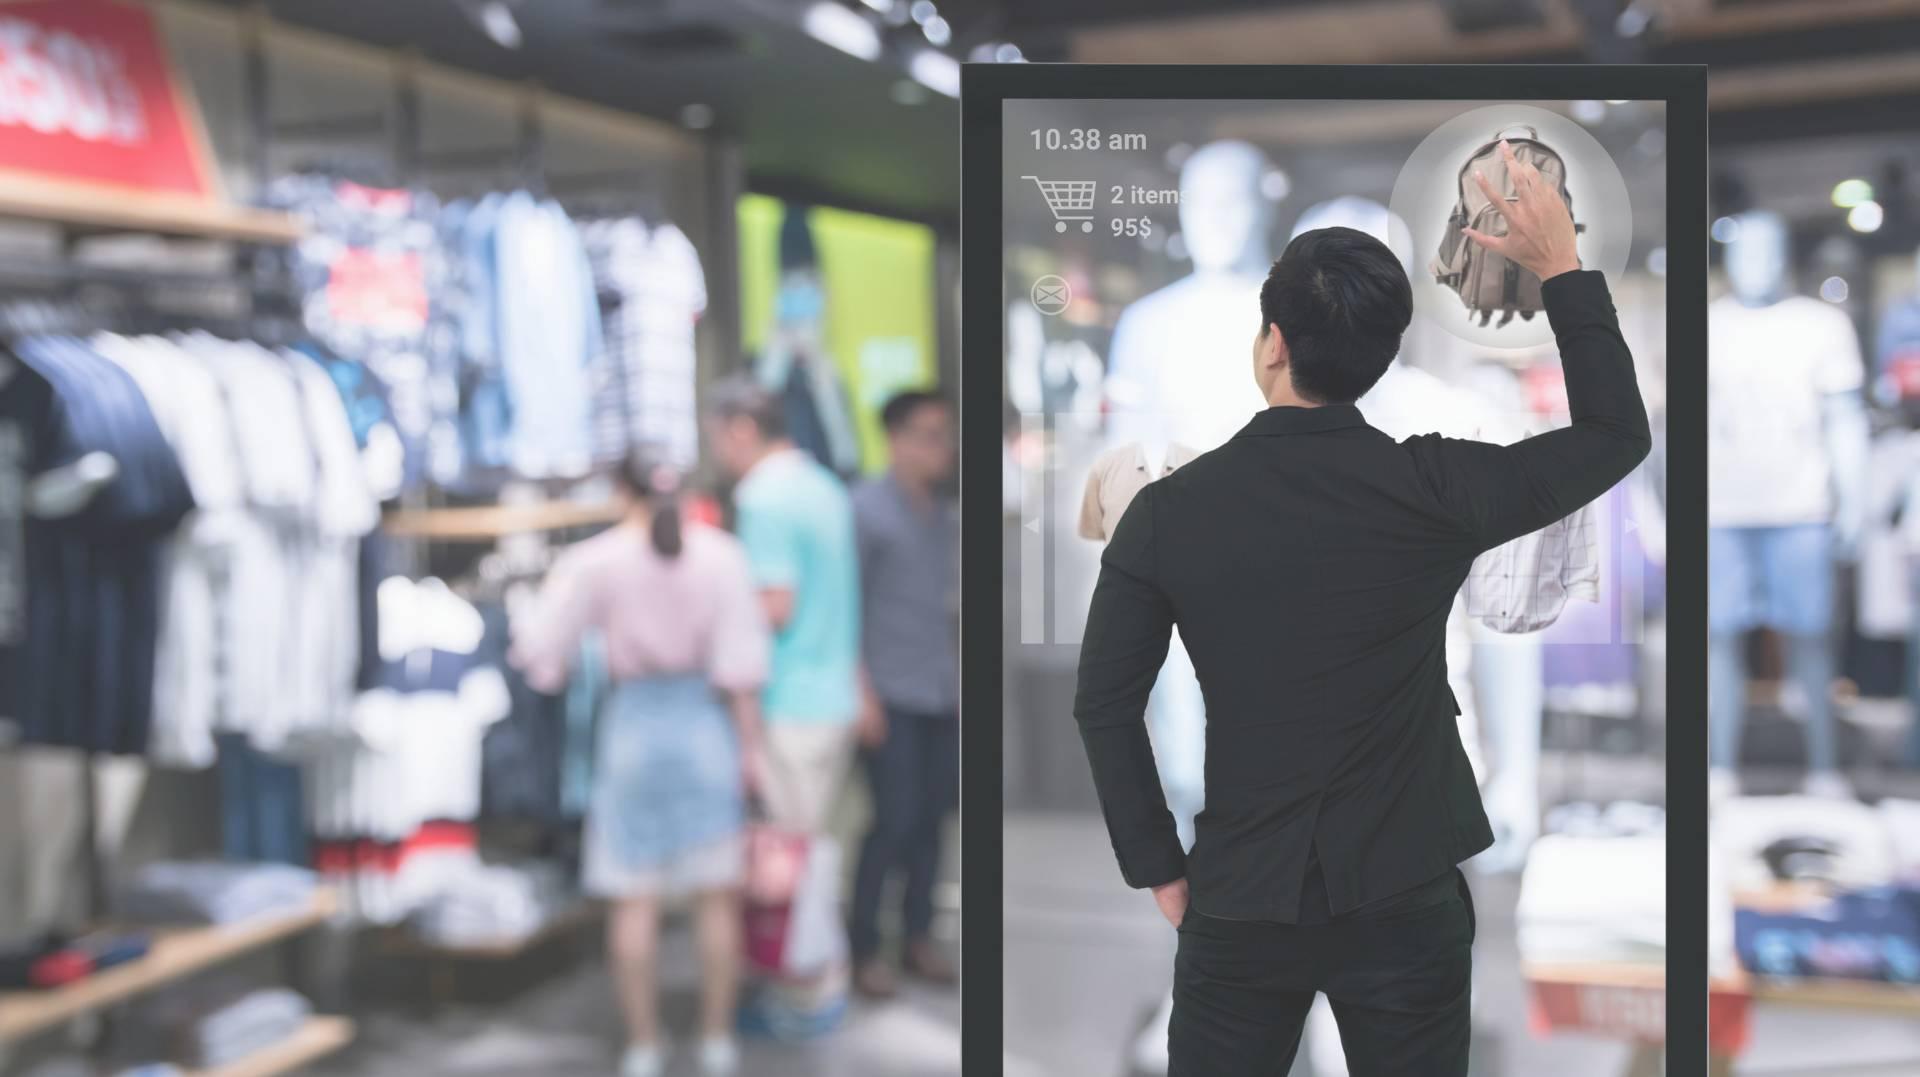 Verbraucher an einer digitalen Informationsstele in einem Laden